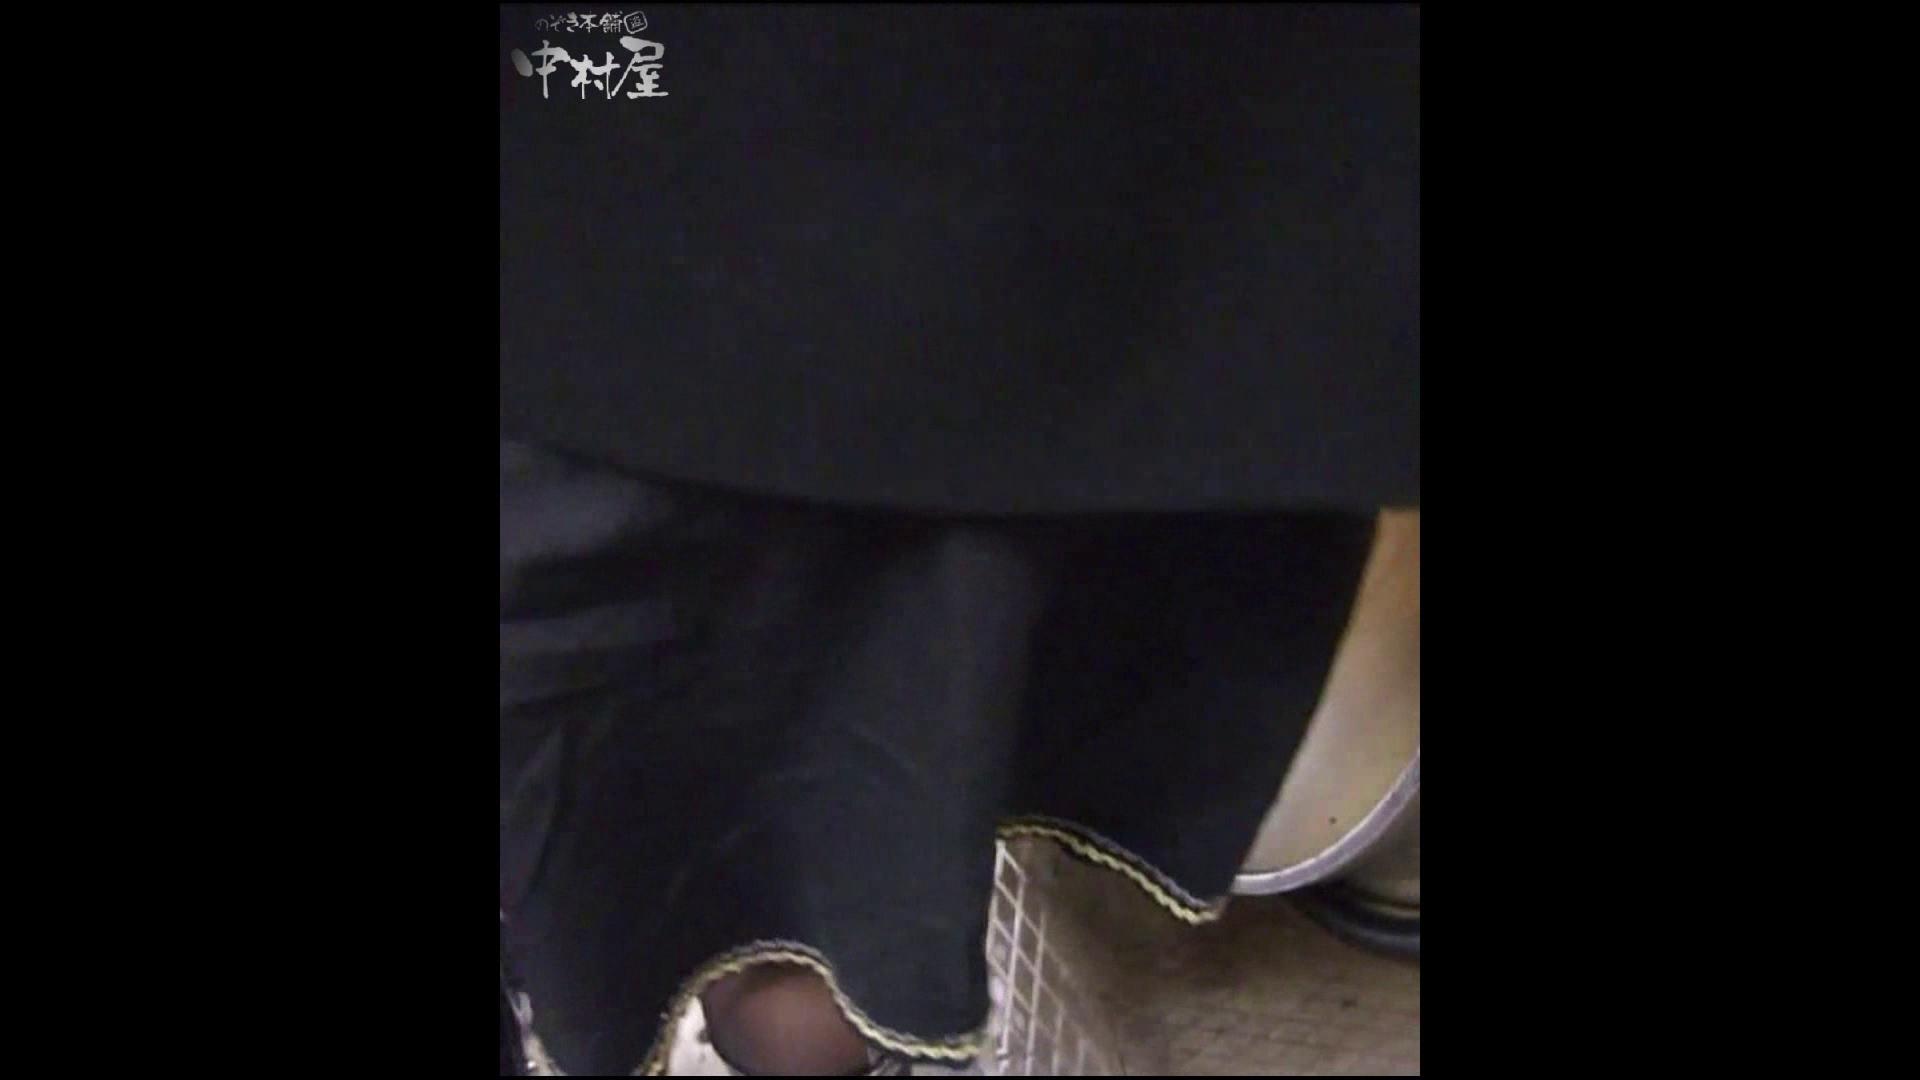 綺麗なモデルさんのスカート捲っちゃおう‼ vol11 お姉さんヌード  94画像 88